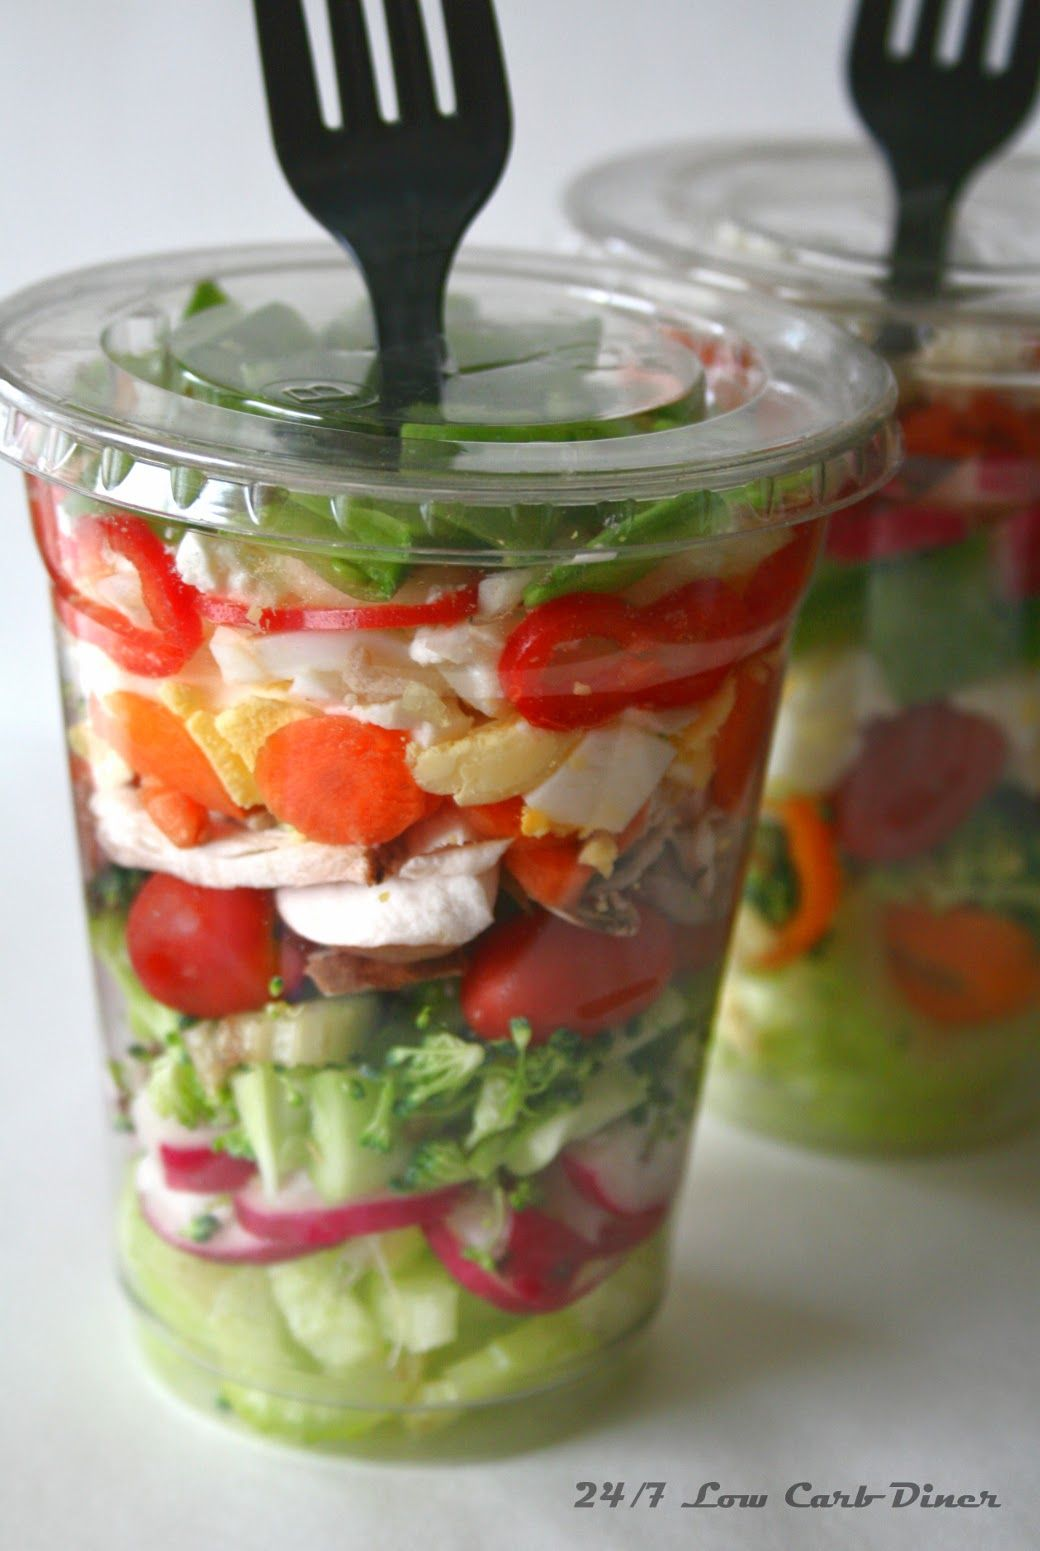 cup+salad.JPG 1,040×1,551픽셀